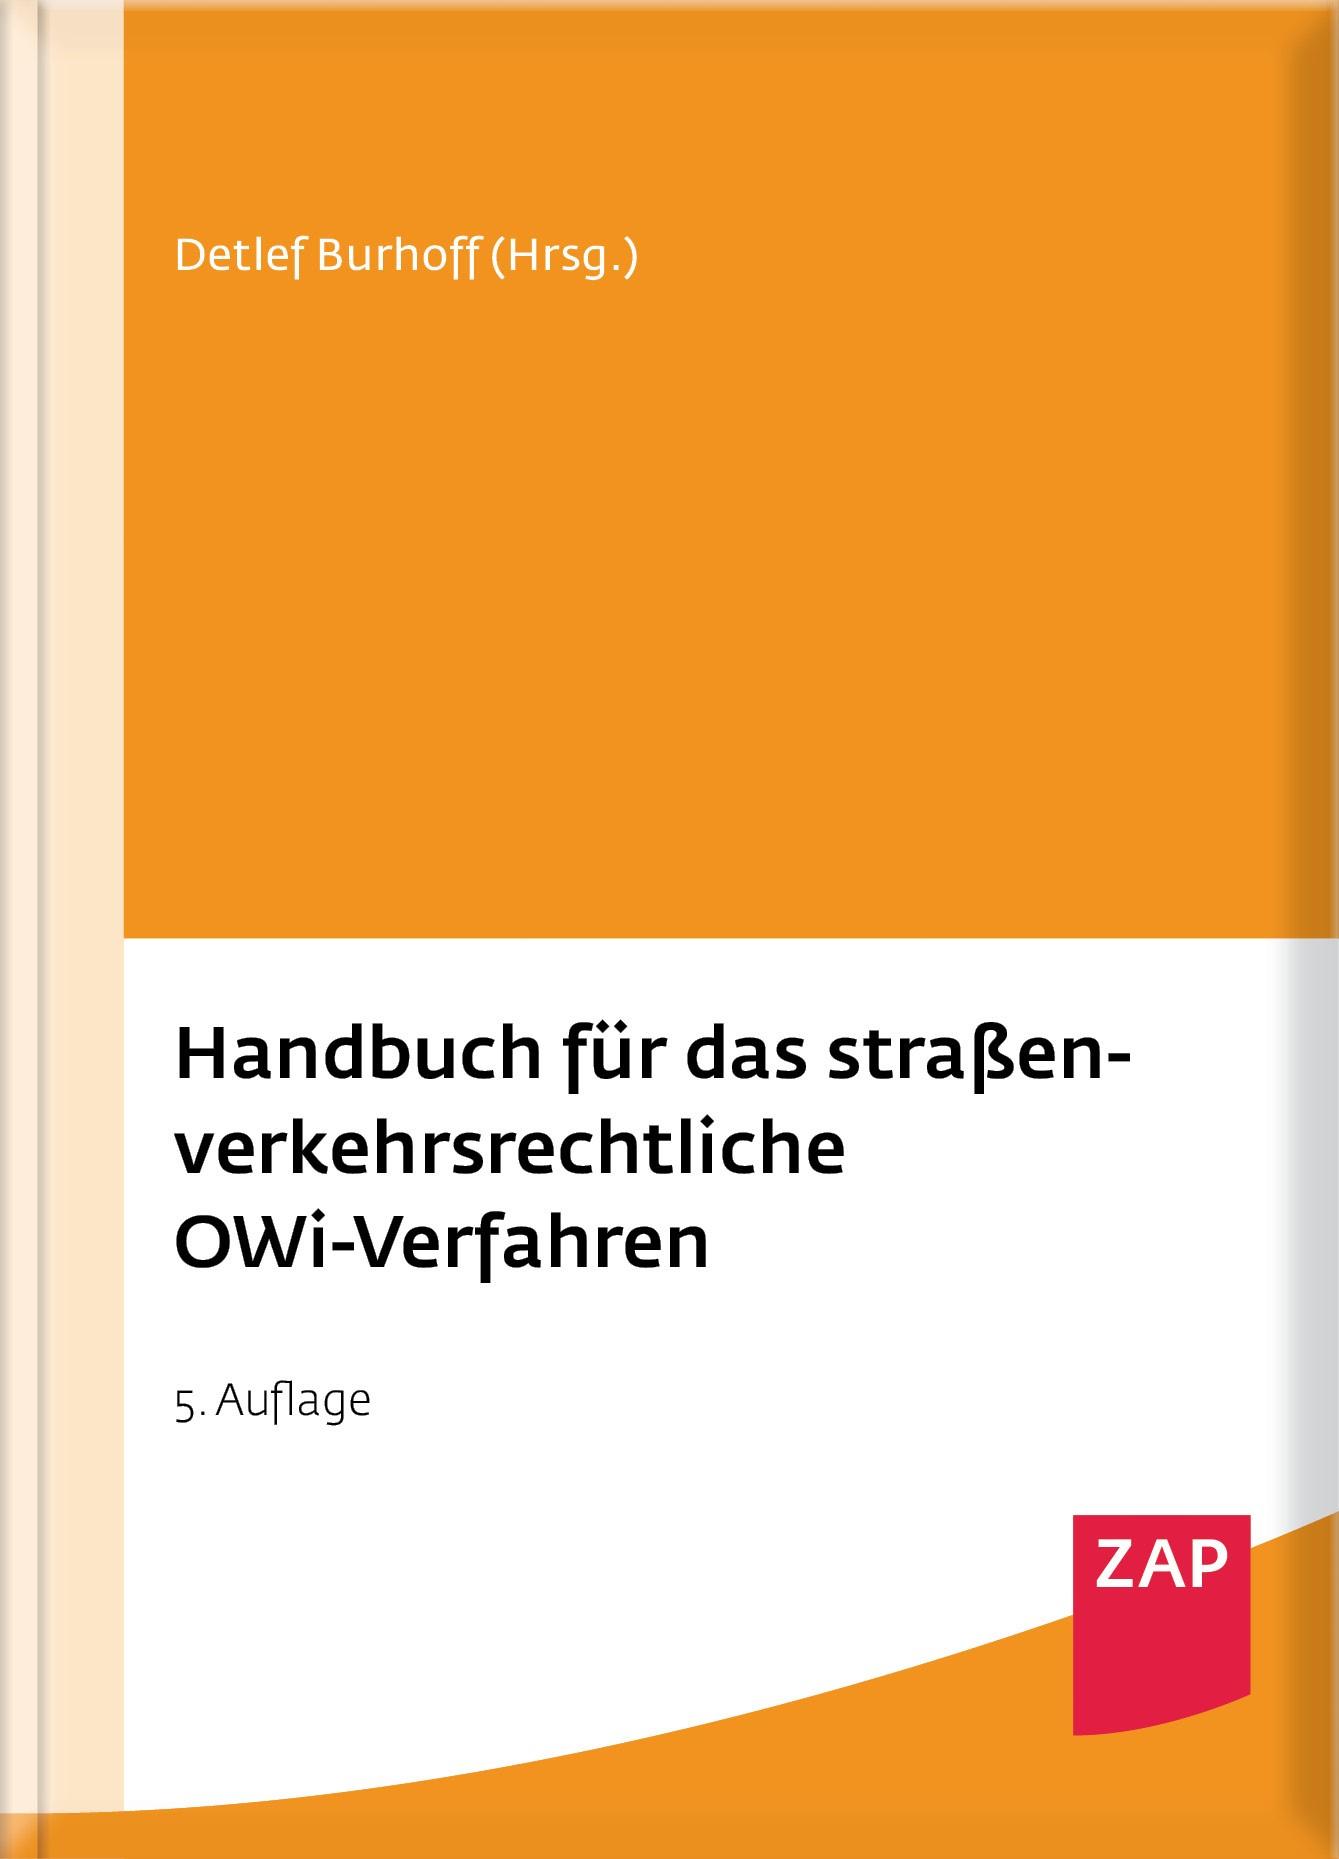 Handbuch für das straßenverkehrsrechtliche OWi-Verfahren | Burhoff (Hrsg.) | 5. Auflage, 2017 | Buch (Cover)